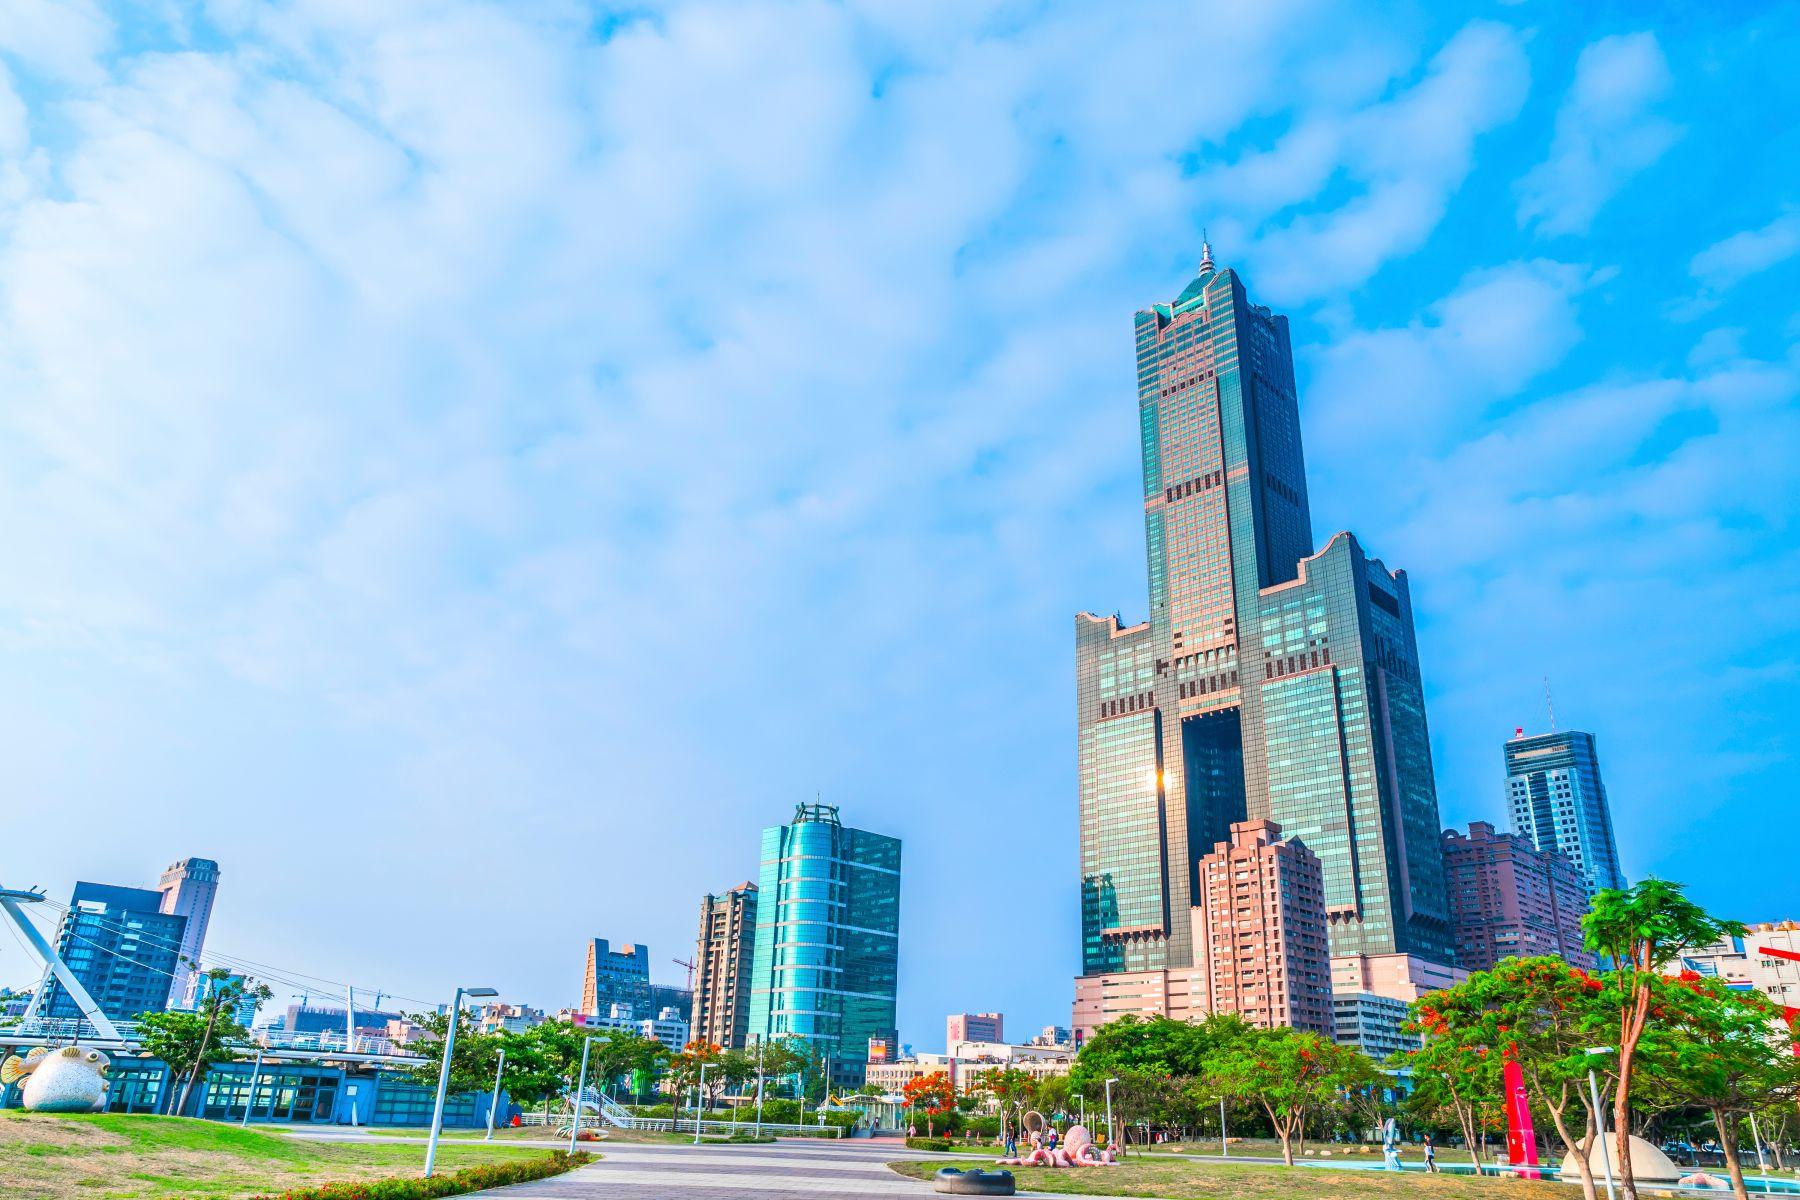 高雄85大樓將遭法拍 恐衝擊君鴻酒店營運